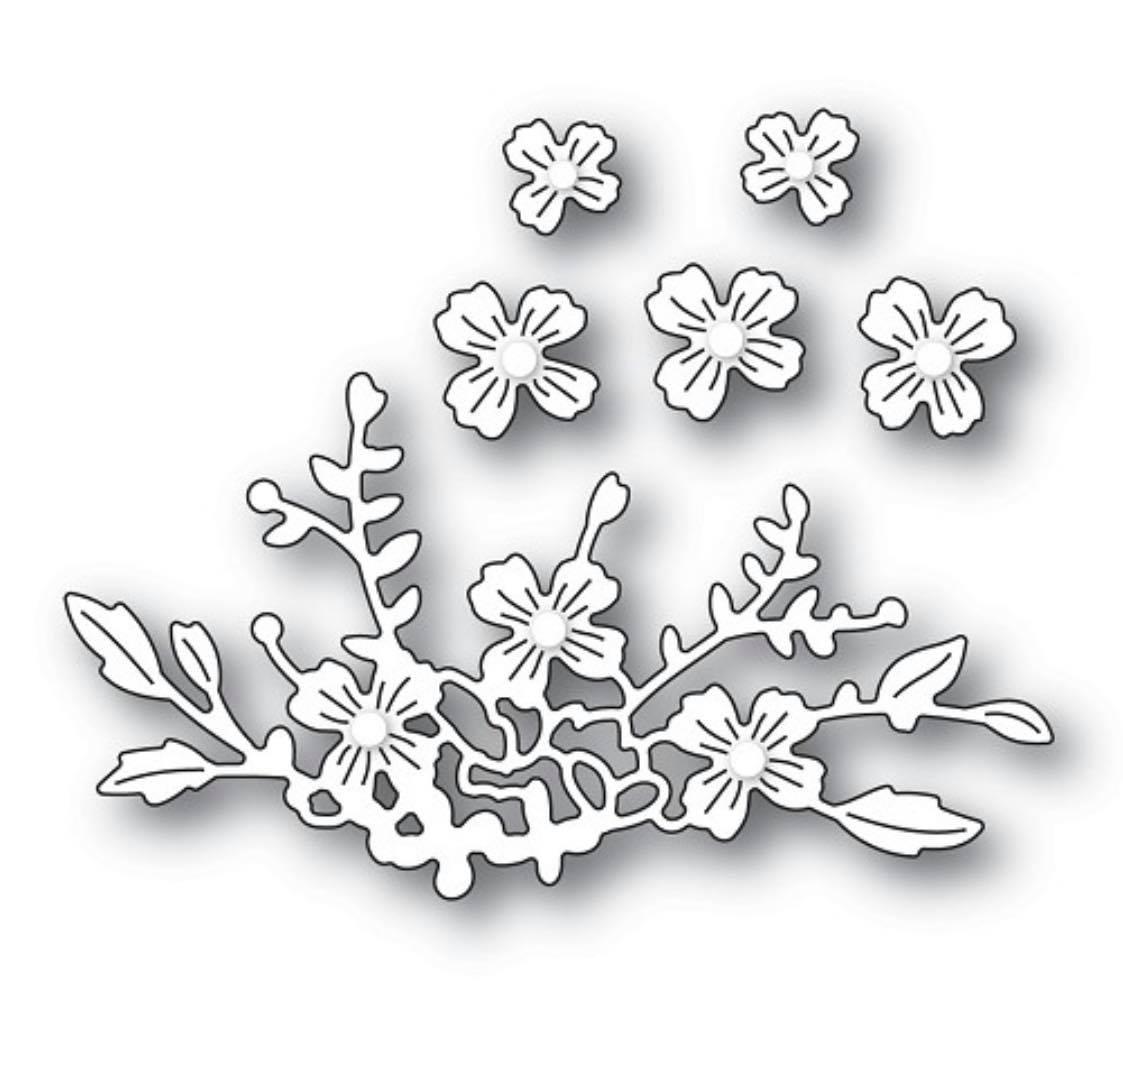 Poppy Stamps - Floral Cluster Die